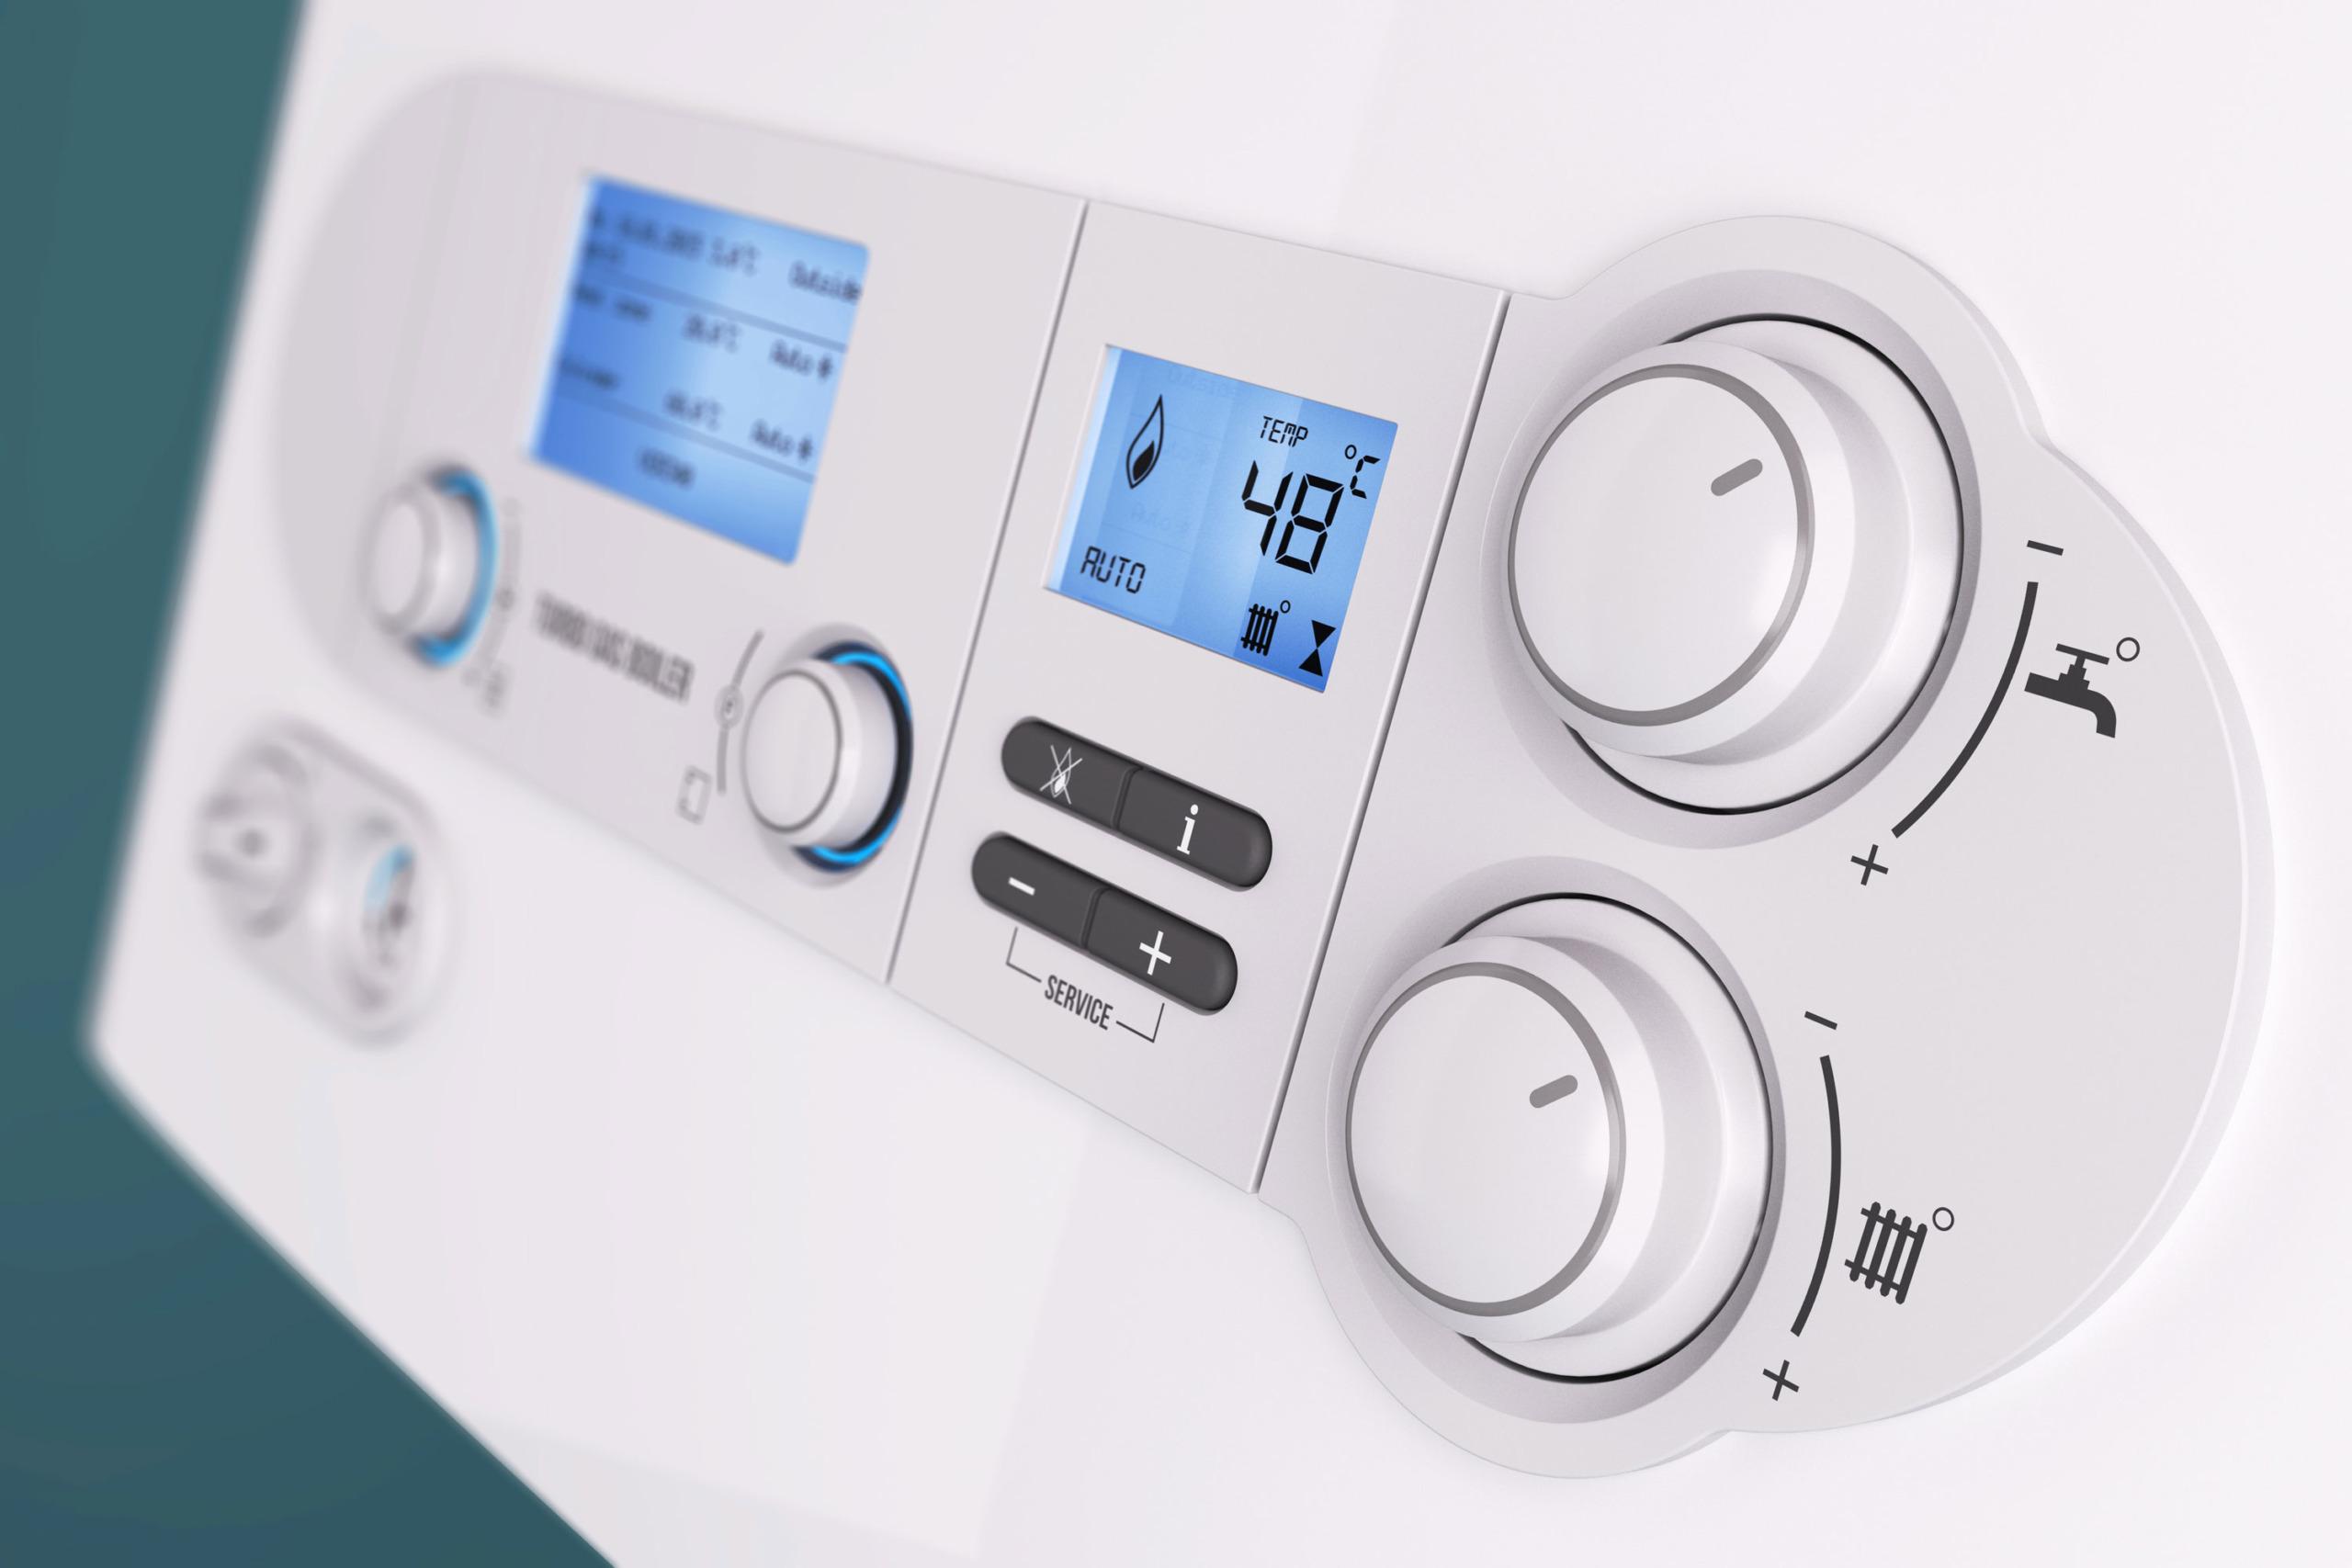 Smarthome-Bedienfeld für die Steuerung von Wasser- und Heiztemperatur.